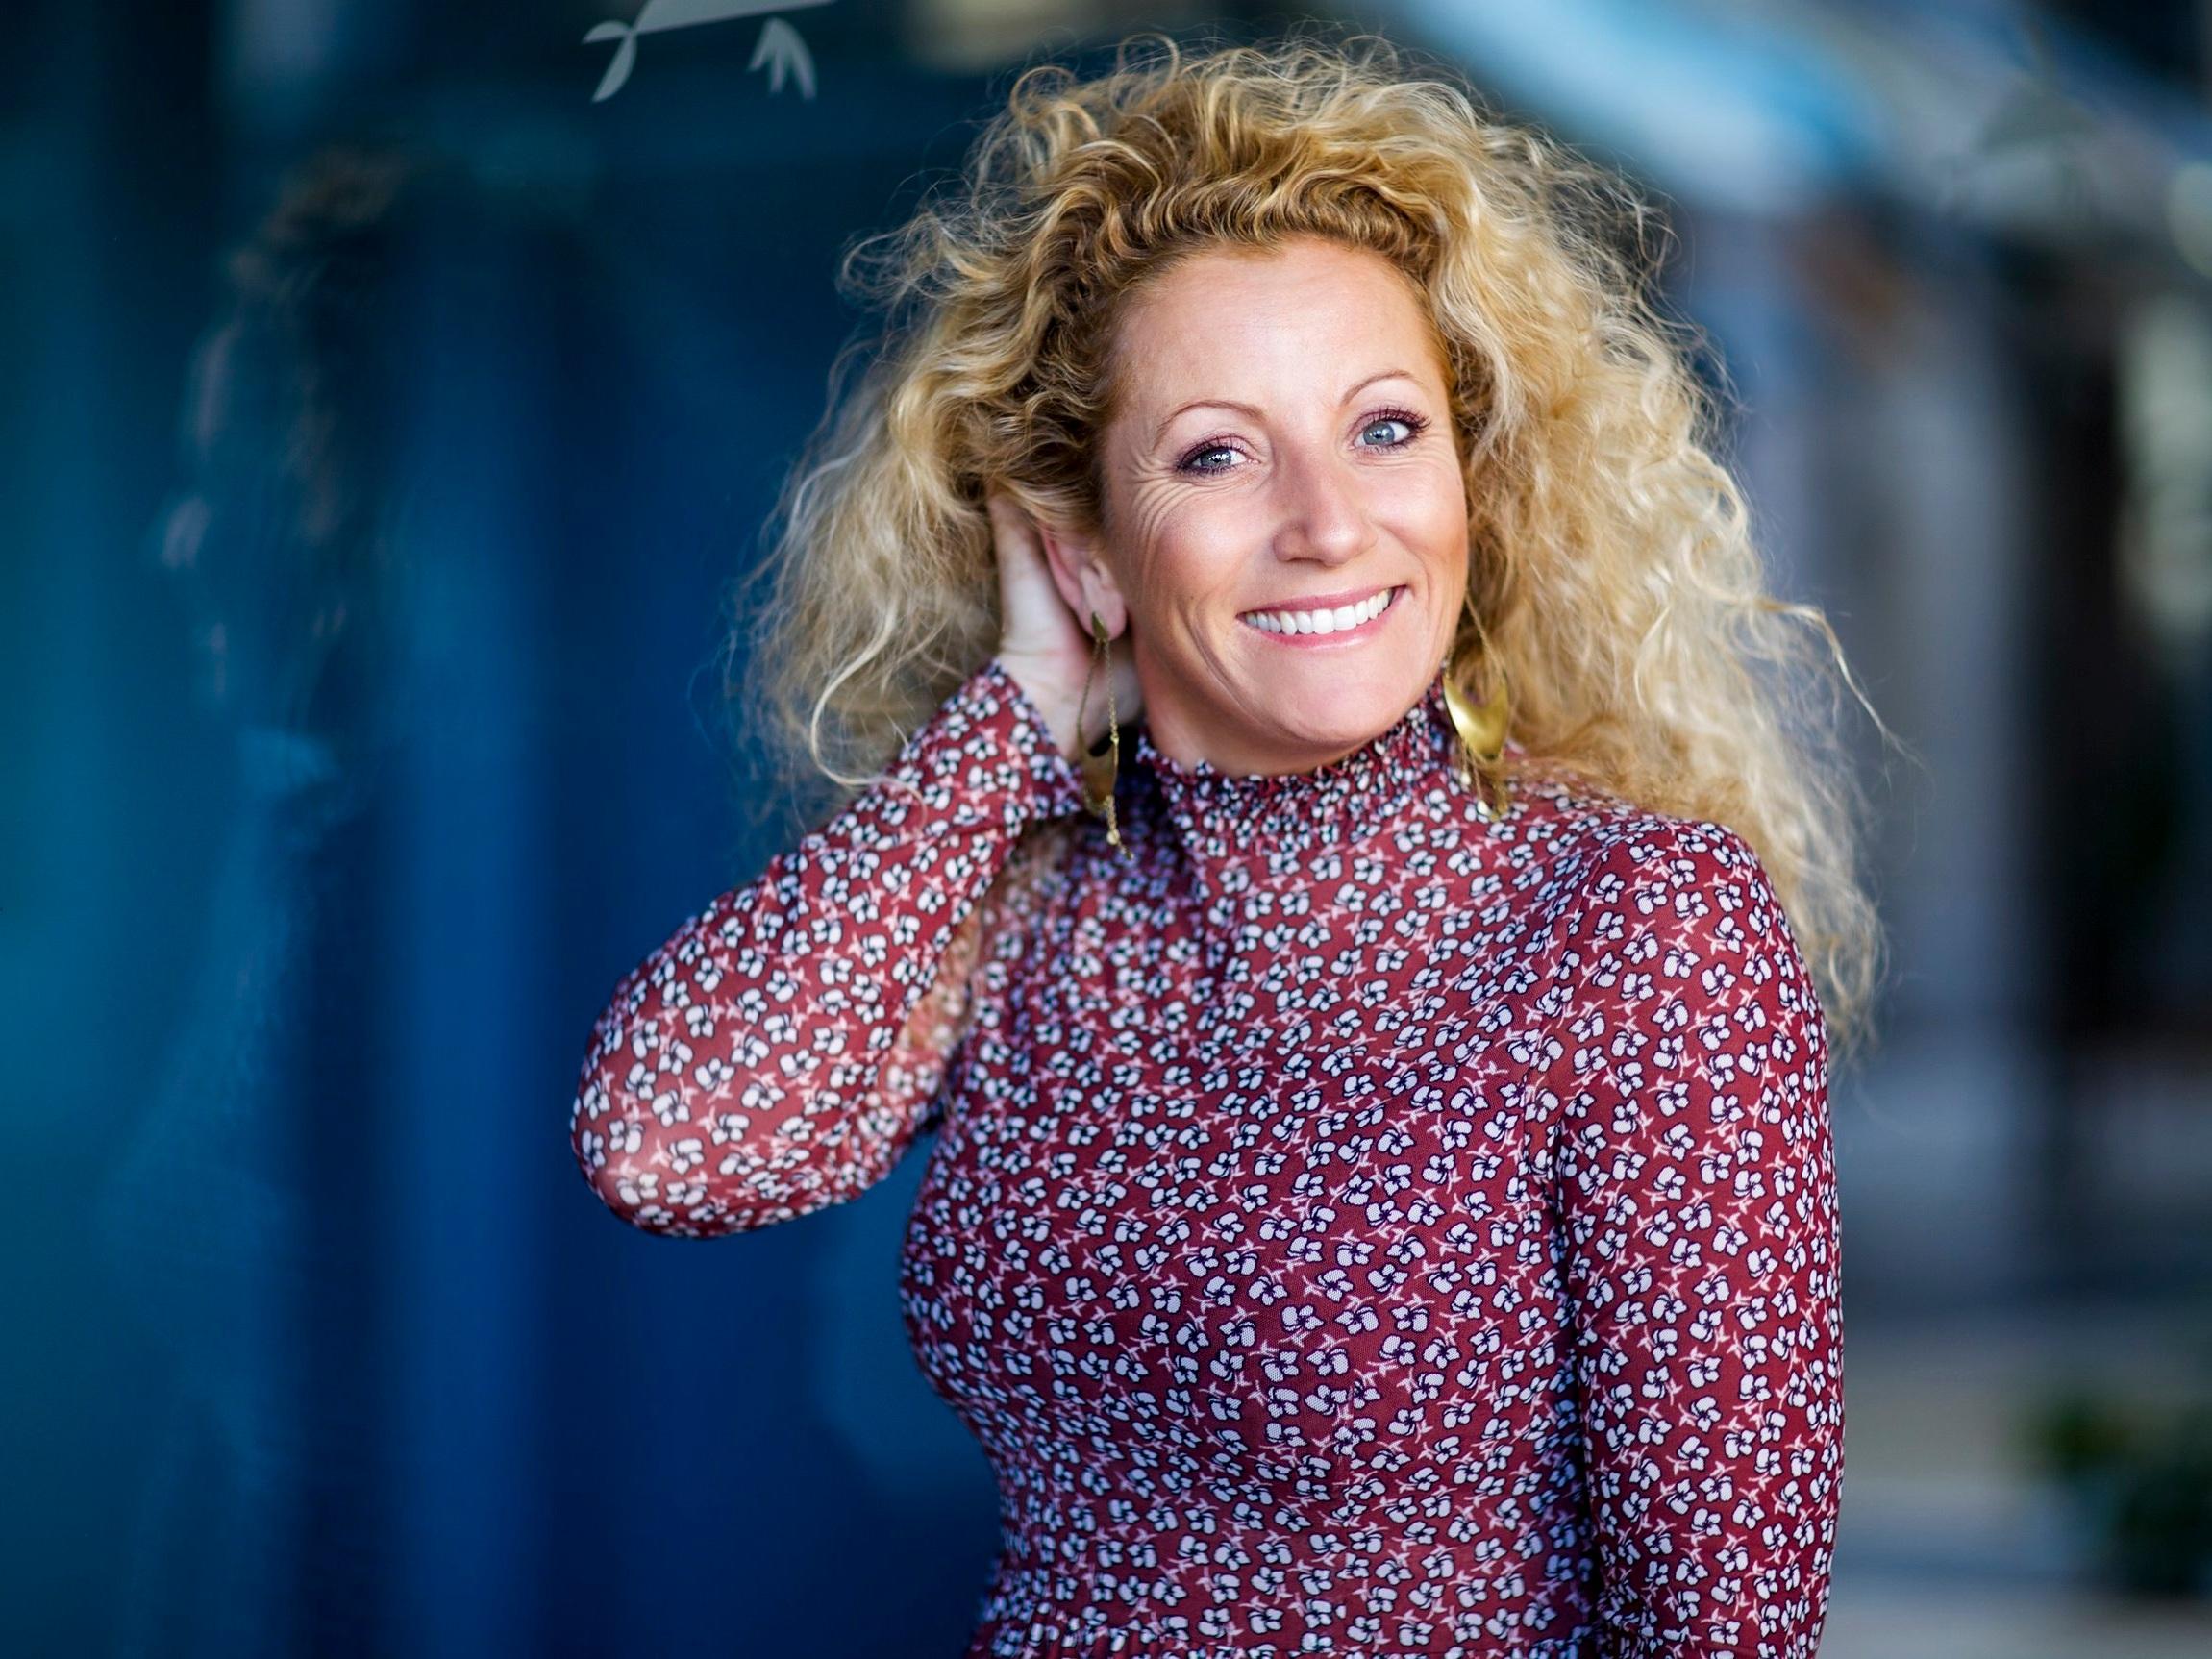 Bianca Simonsen - Bestselgende forfatter, foredragsholder, barnevernspedagog, blogger og coachBianca Simonsen er et fyrverkeri på scenen. På Kamille Weekend vil hun snakke om «Smilepuls», - som er et skikkelig feelgood foredrag som gir deg gode verktøy, lave skuldre og smilepuls også i en innholdsrik hverdag.Foto: Hilde Brevig